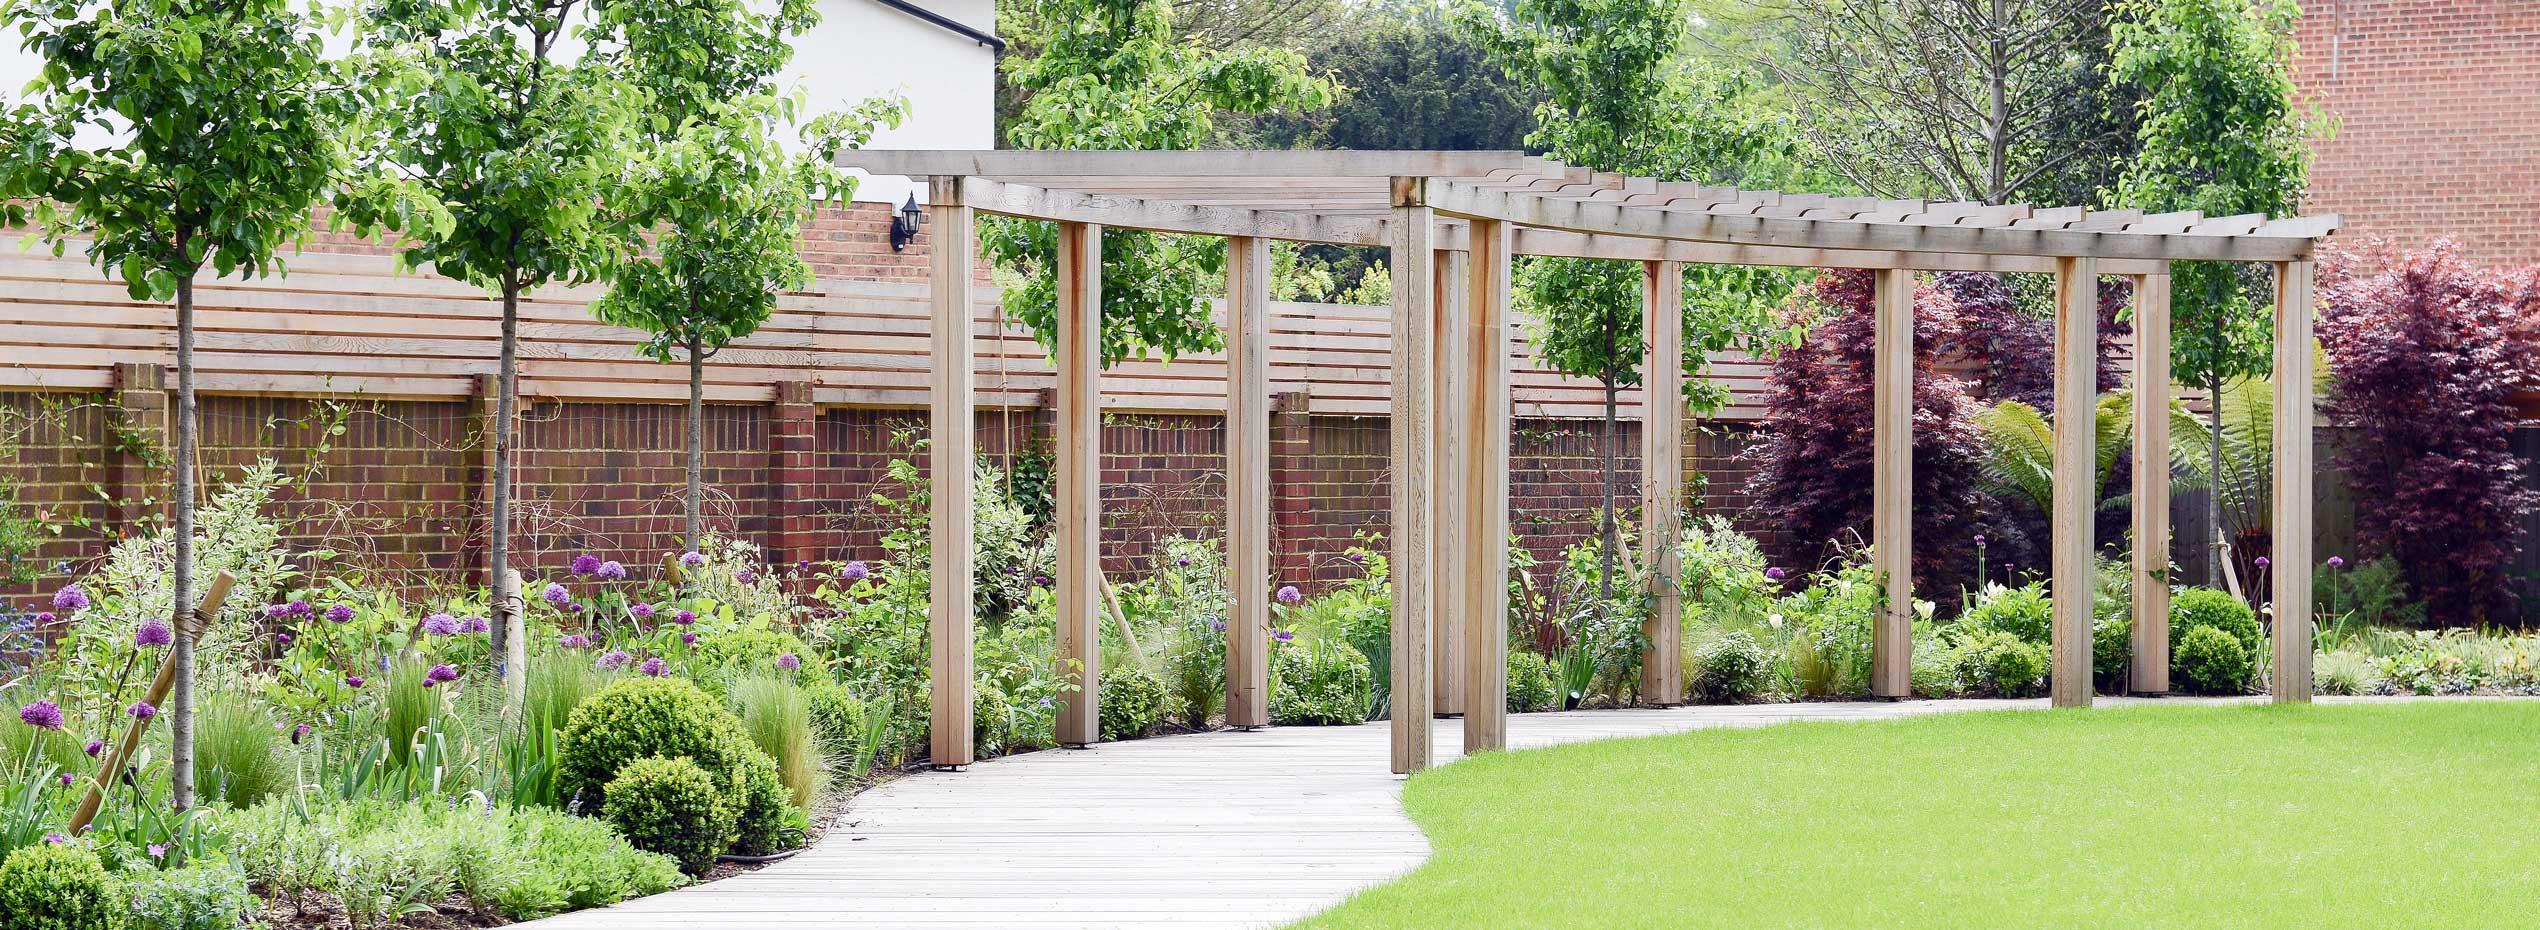 Garden Design in London, 7